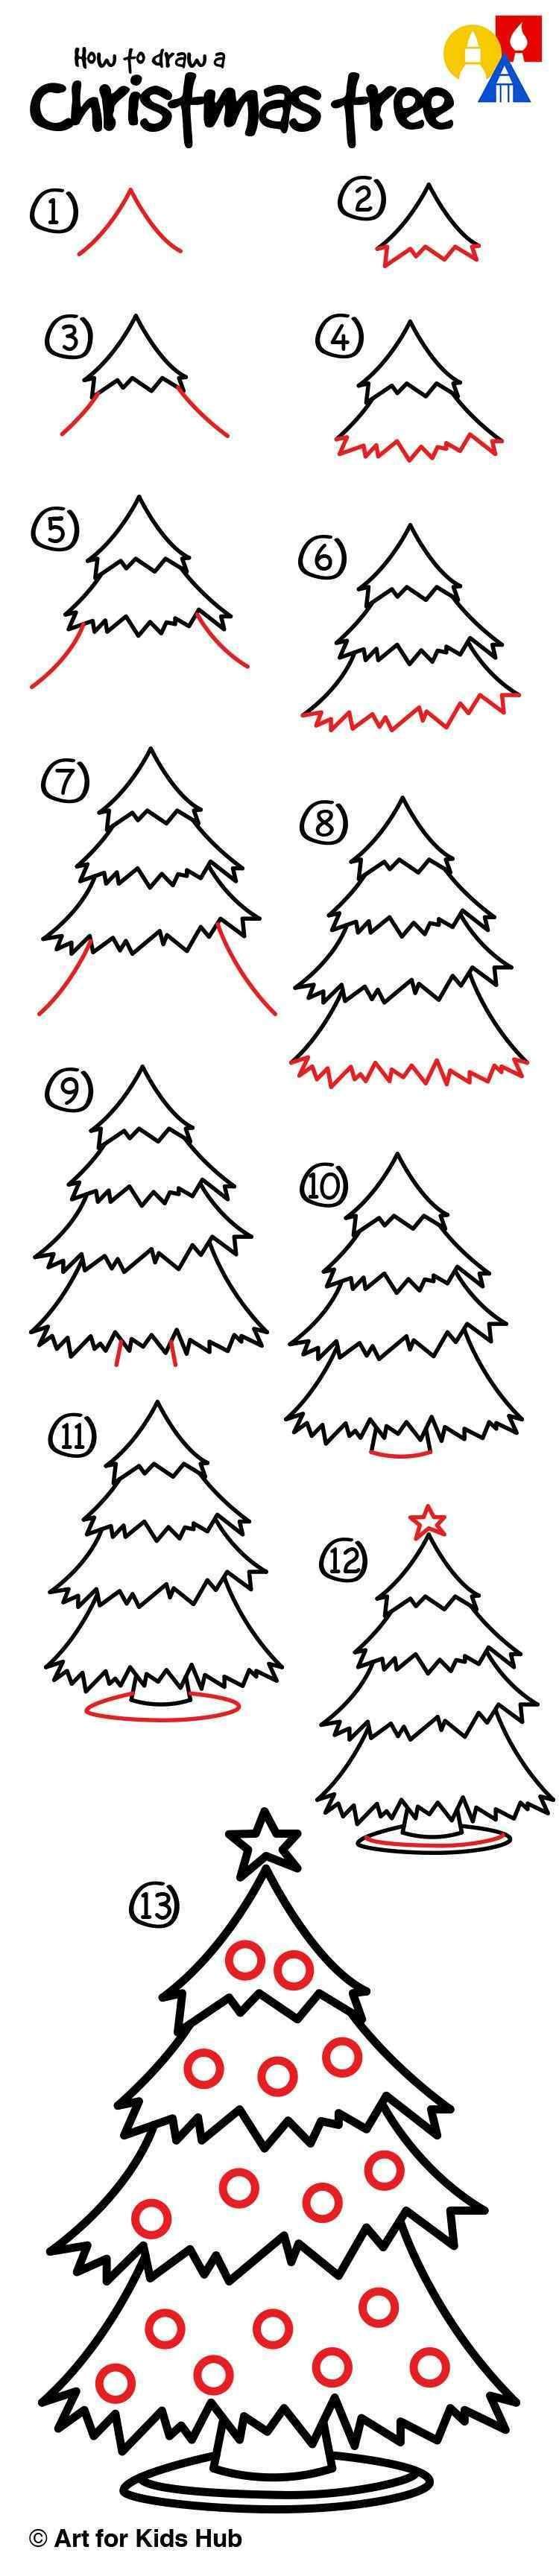 9+ Awesome Christmas Presents Drawings Easy | Christmas tree art, Art for kids hub, Christmas ...